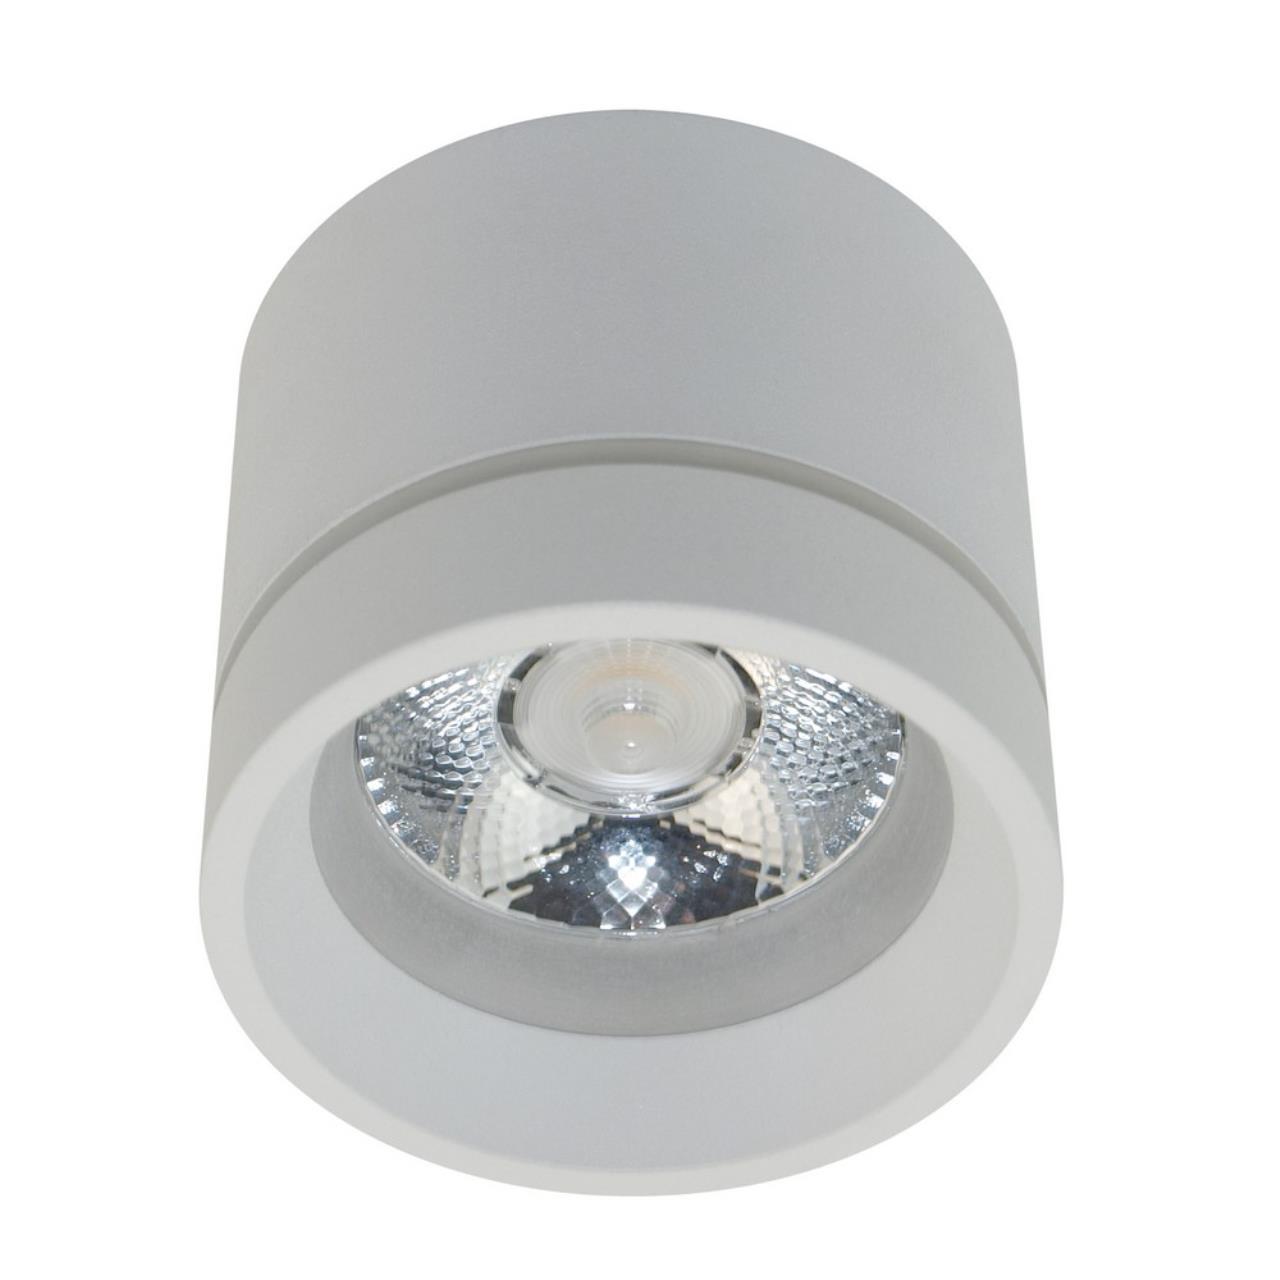 Встраиваемый-накладной светильник Aployt APL.0044.09.05